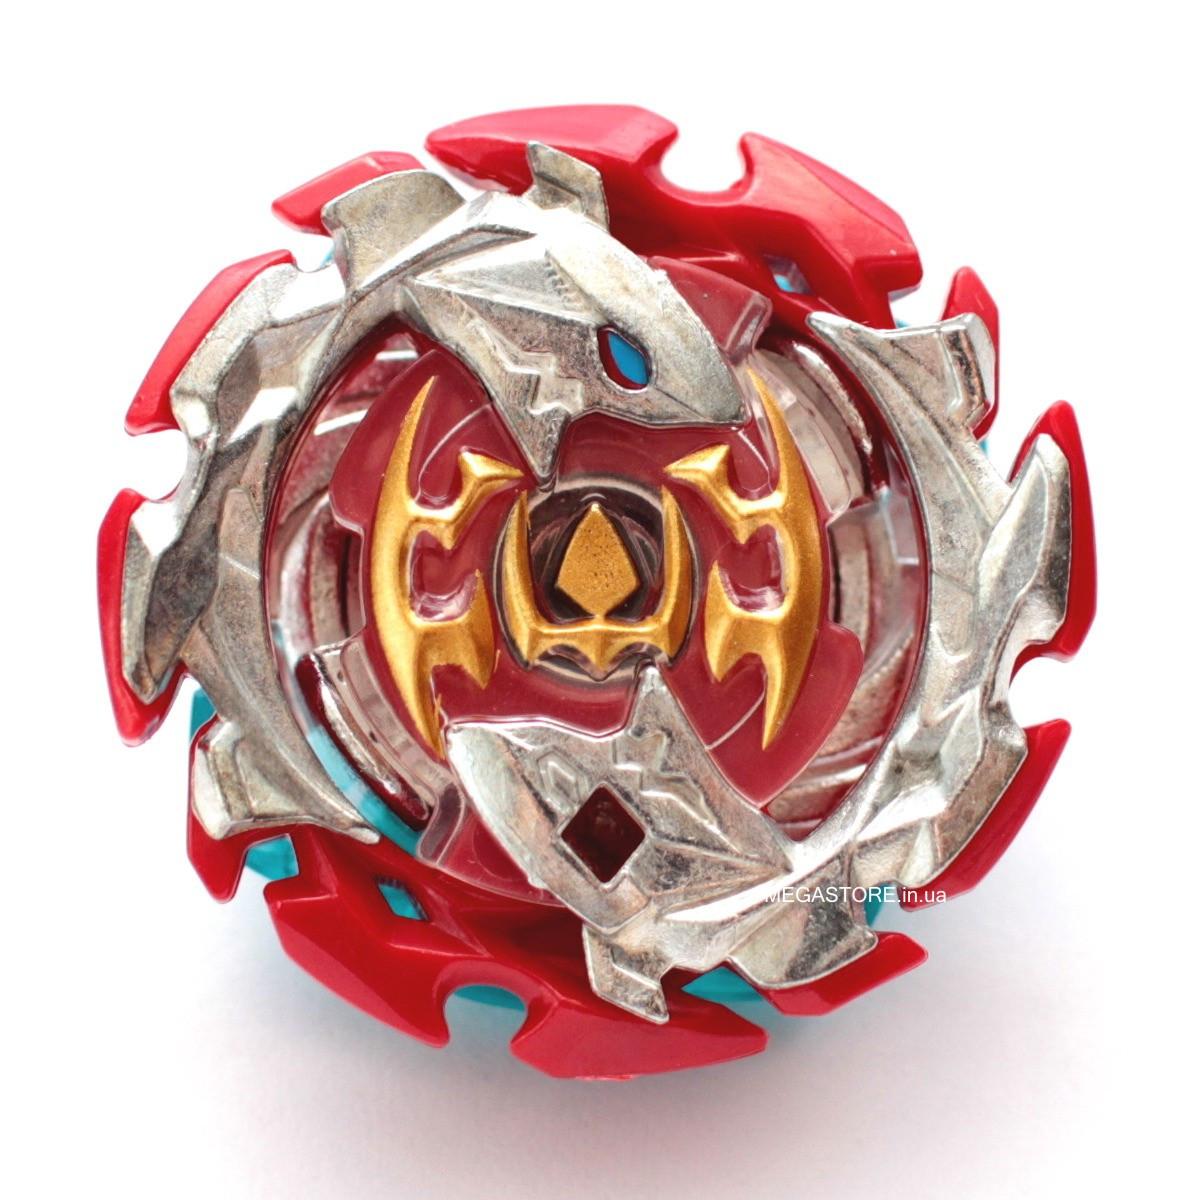 Волчок Бейблэйд Император Форнеус Красный Редизайн (Бейблейд 3 сезон) Beyblade Emperor Forneus (Beyblade И™)